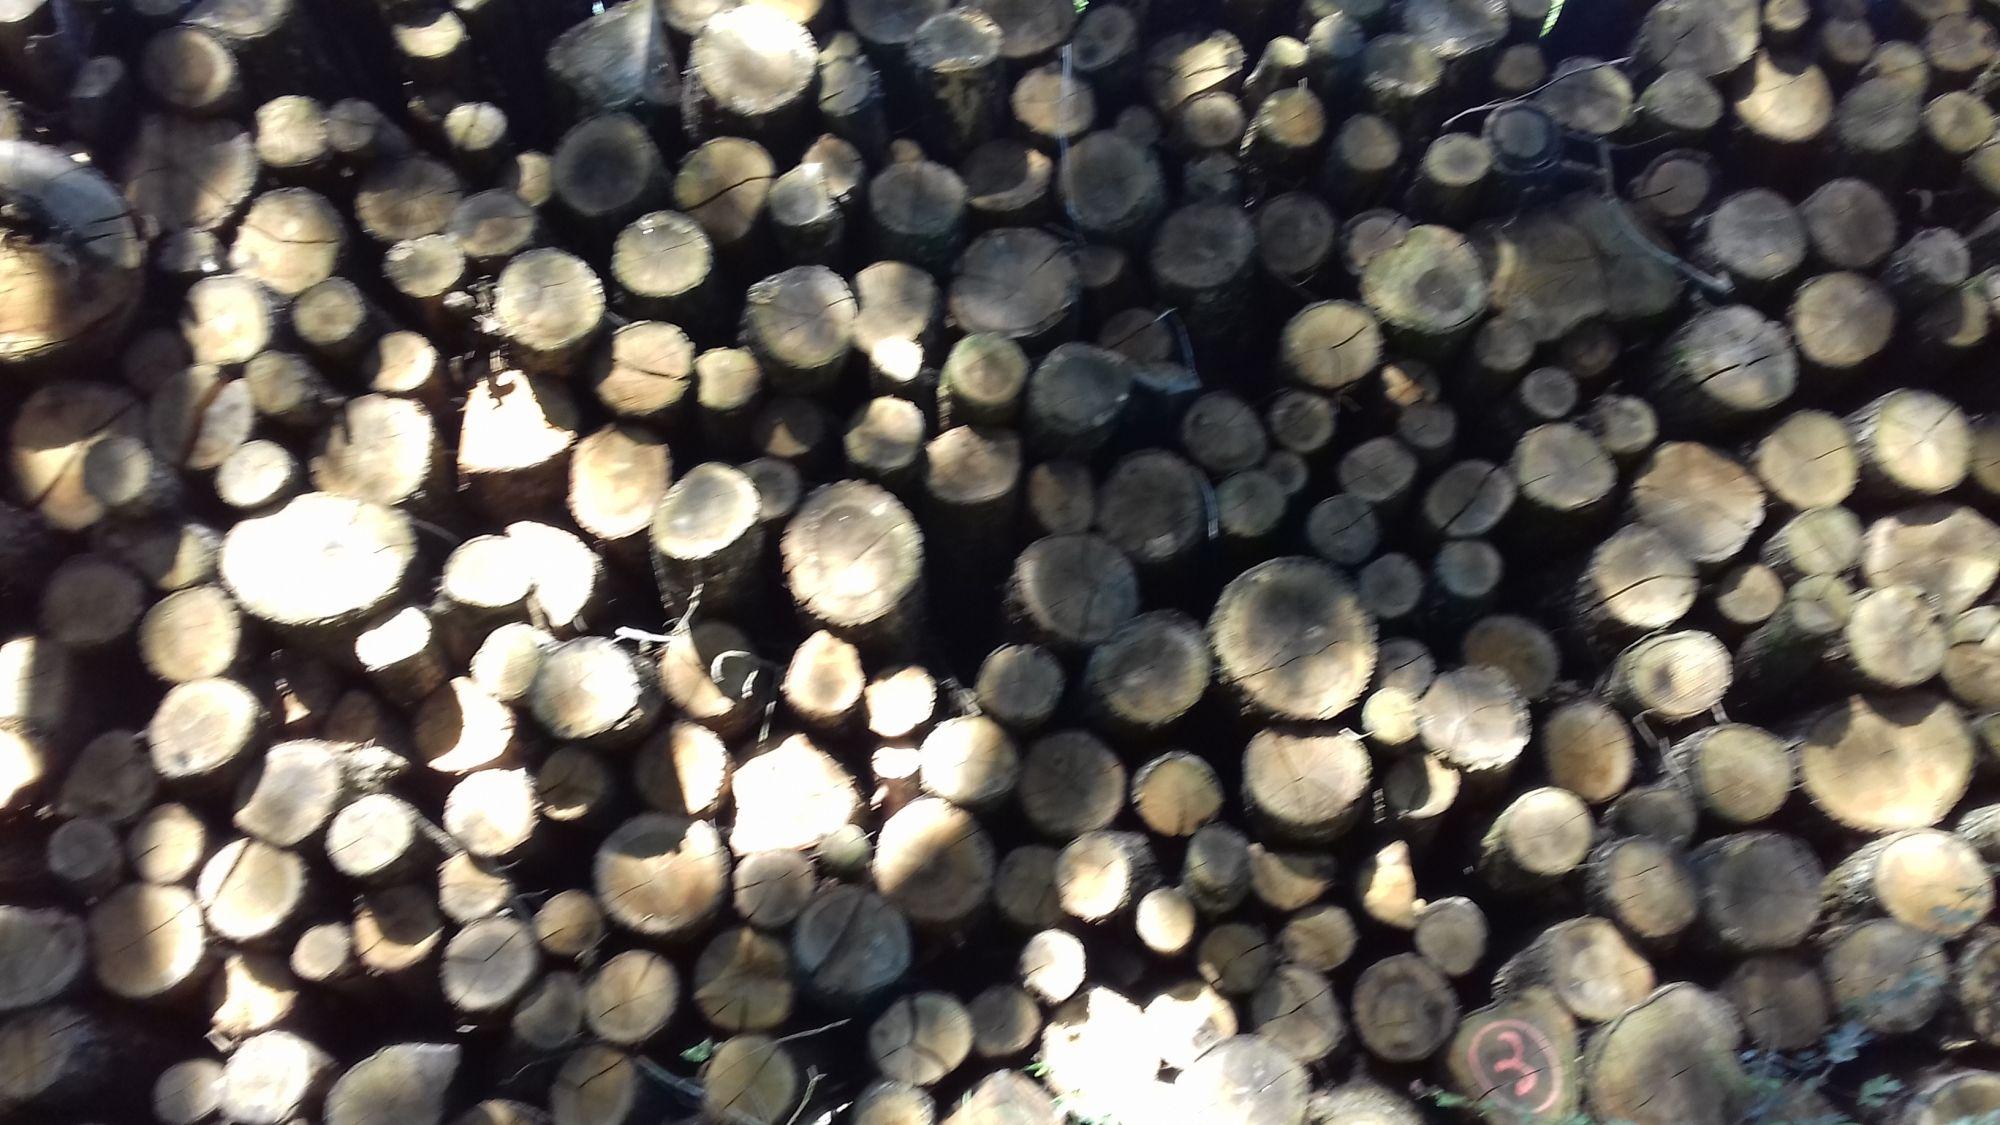 bois de chauffage 07site internet pour revendeur de combustible bois dans l'Ardèche